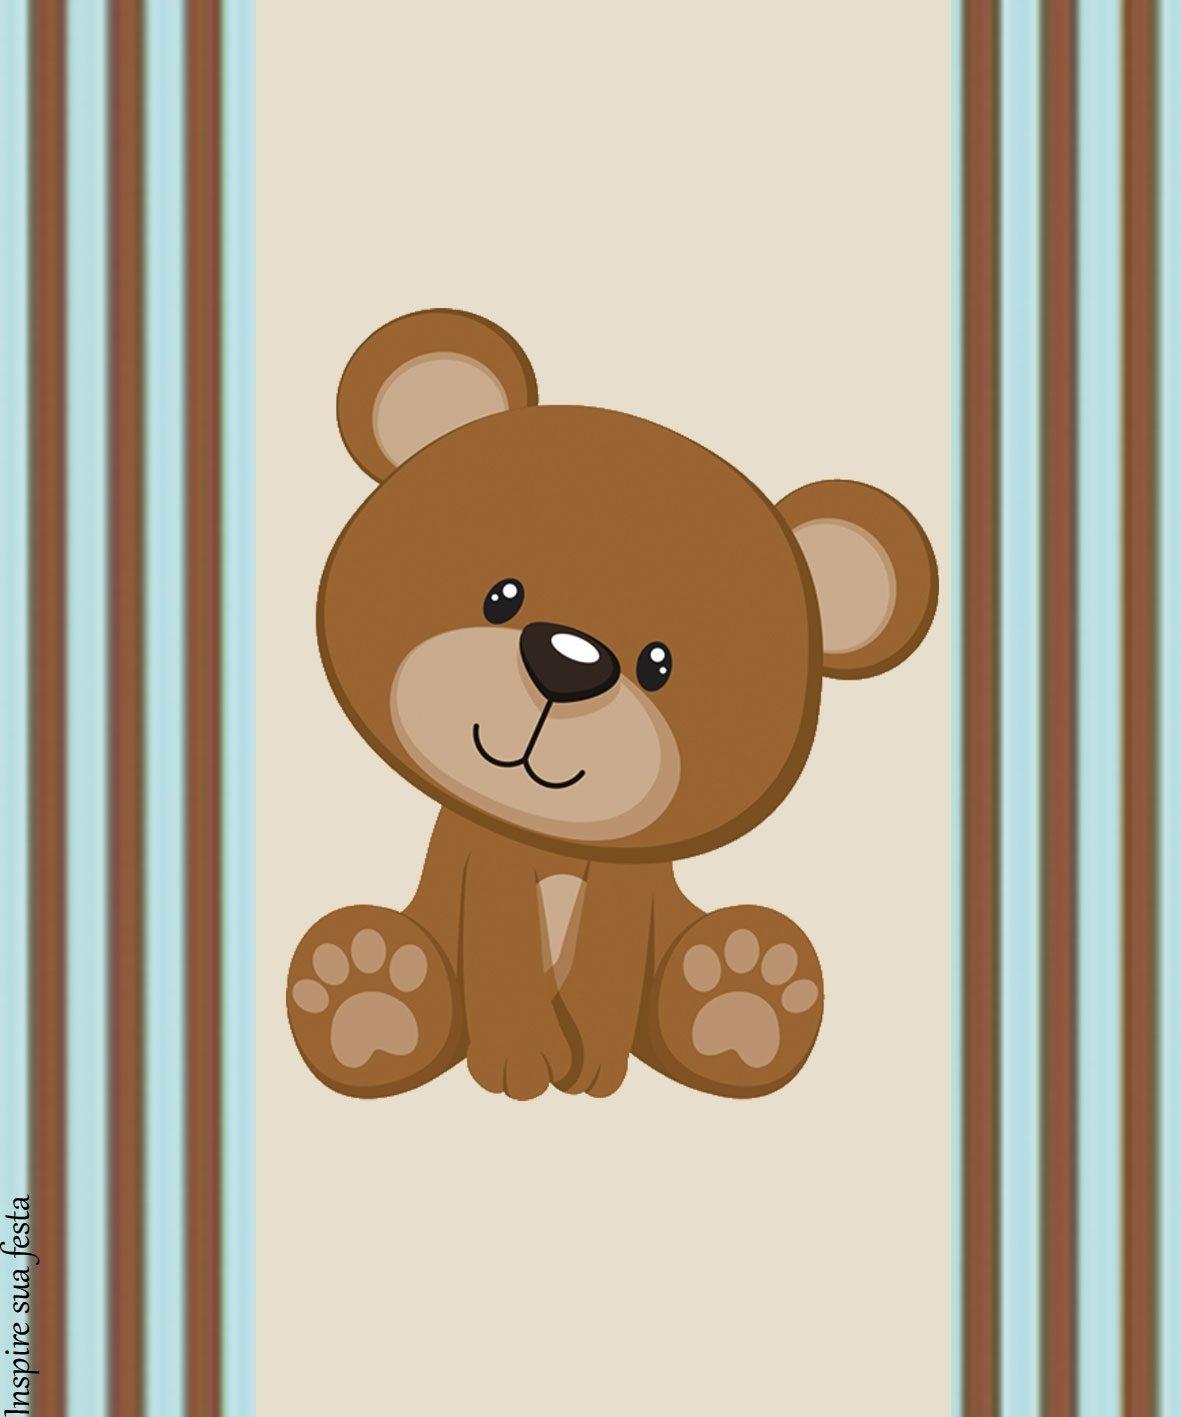 Pin von Cinthya Caro auf Baby Shower | Pinterest | Bären und Deko